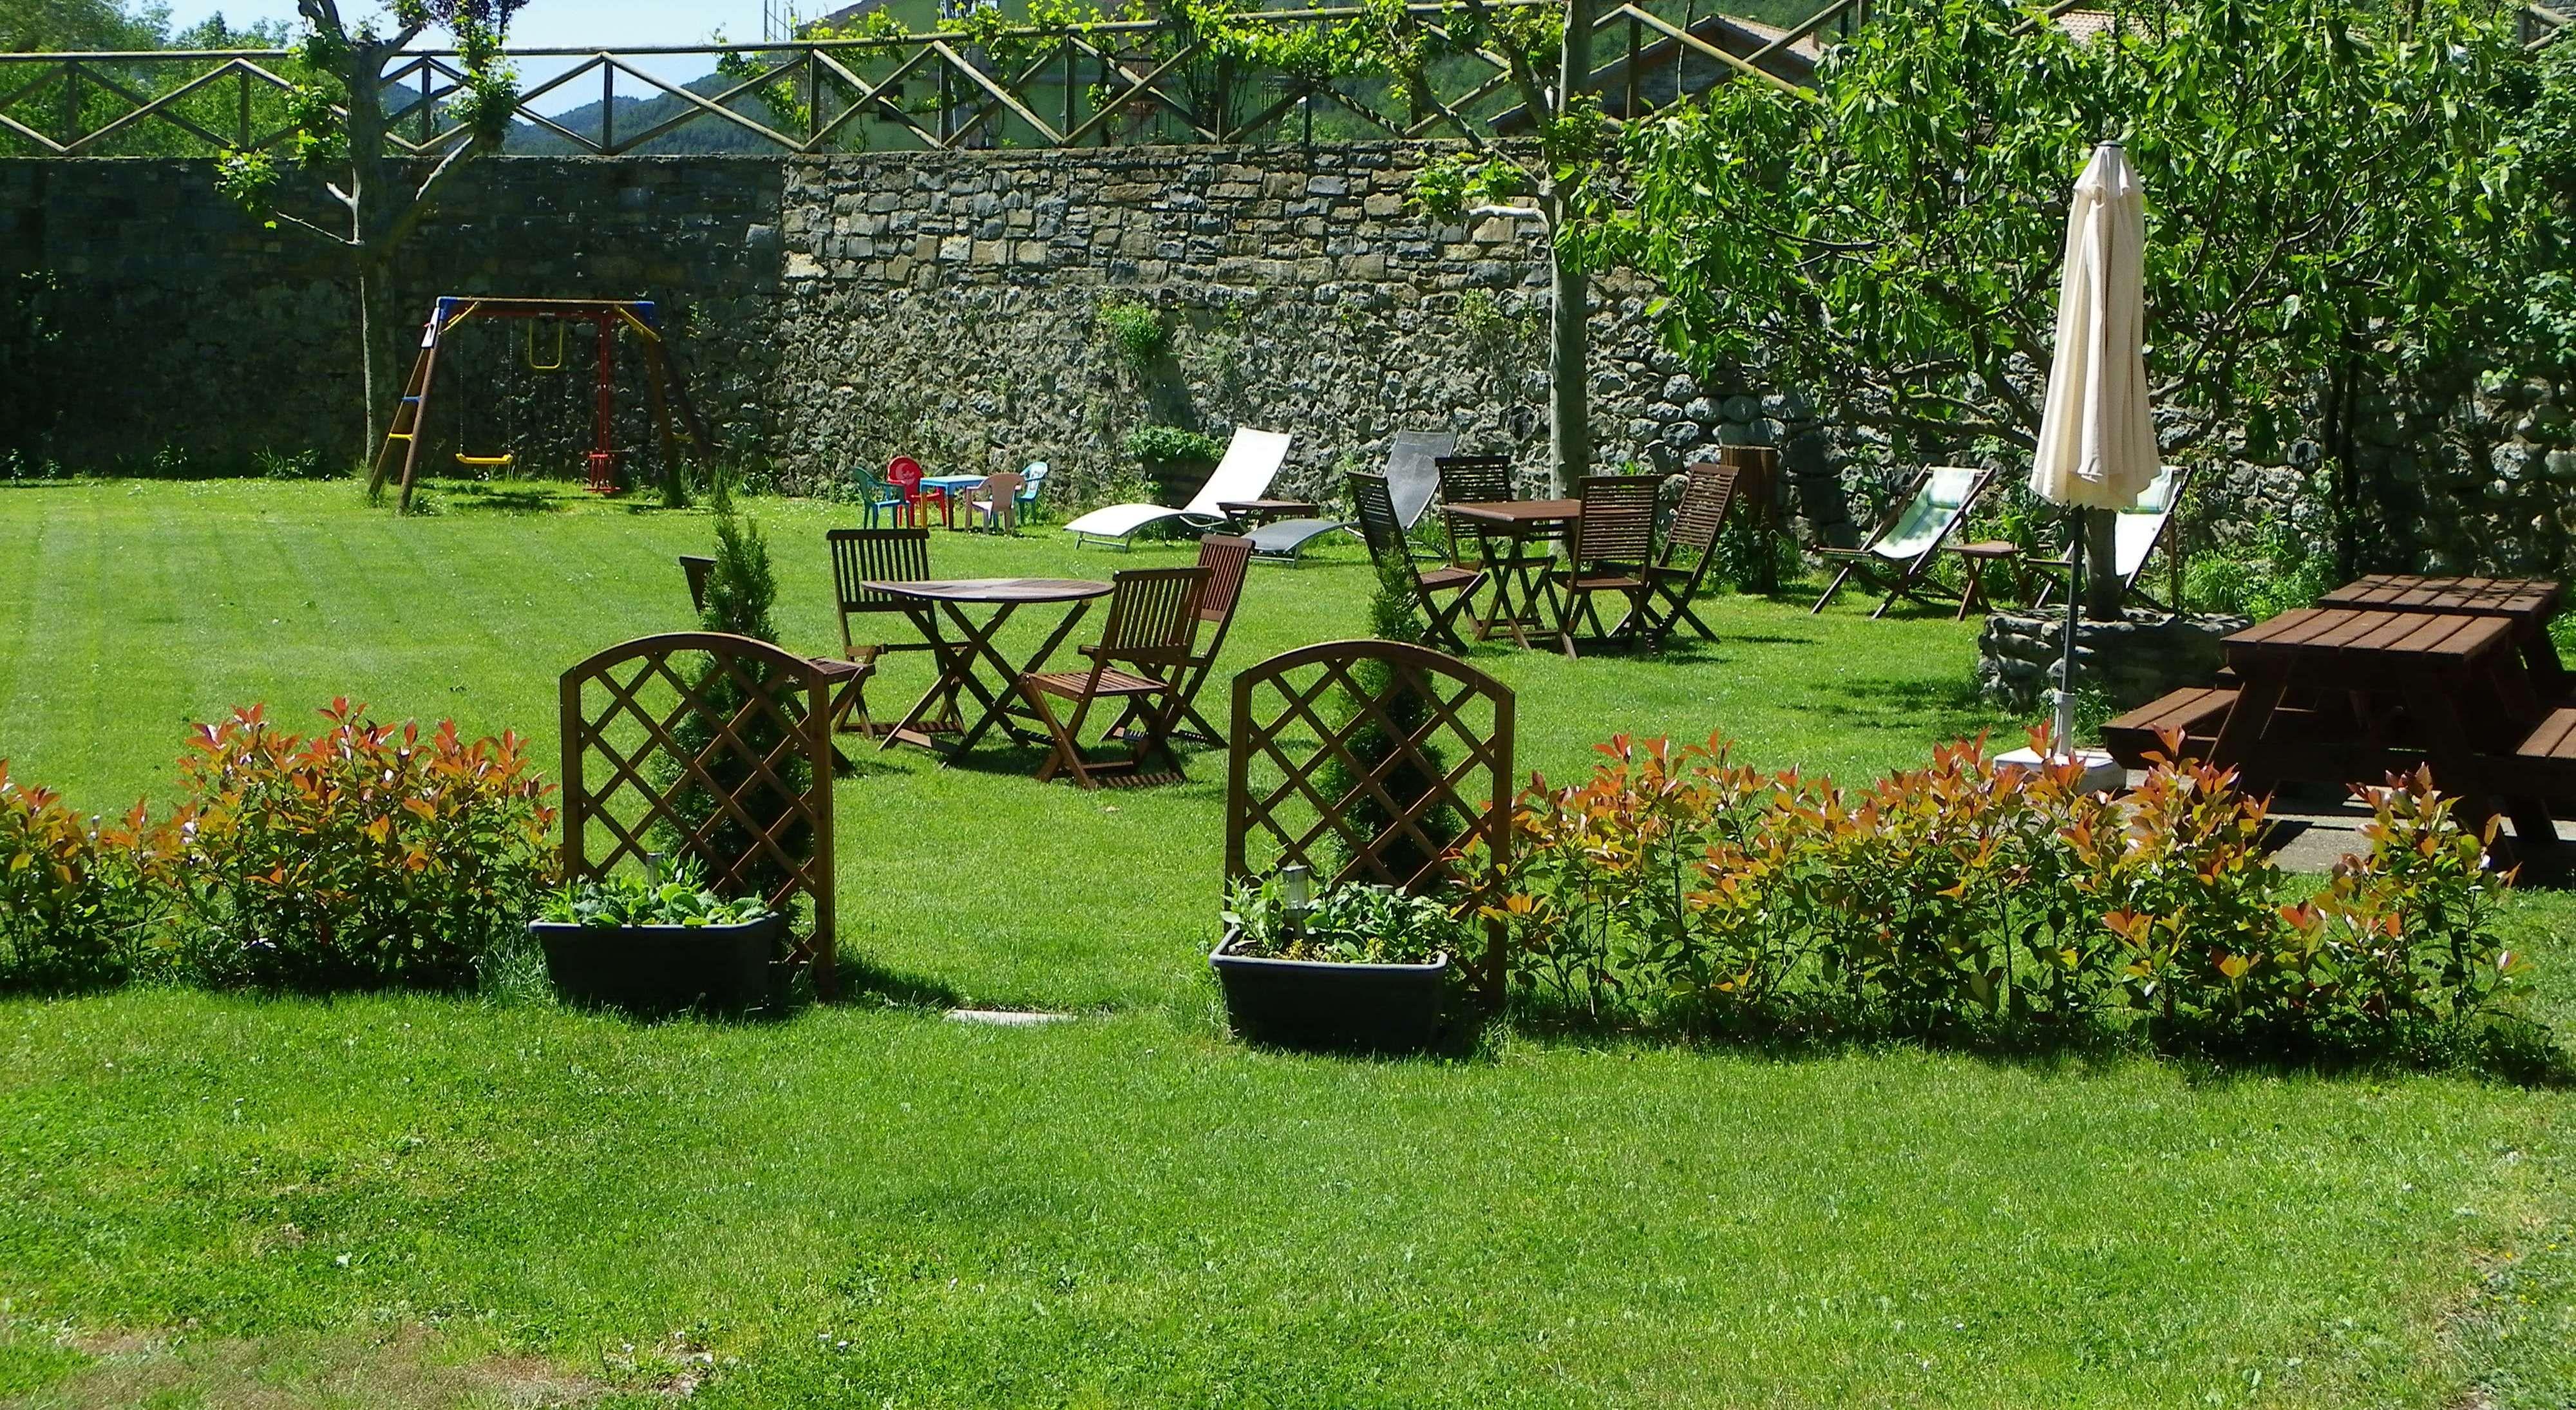 Jardín | Apartamentos de turismo rural| Pirineo de Huesca| Pirineo Aragonés | Parque Nacional de Ordesa y Monte Perdido